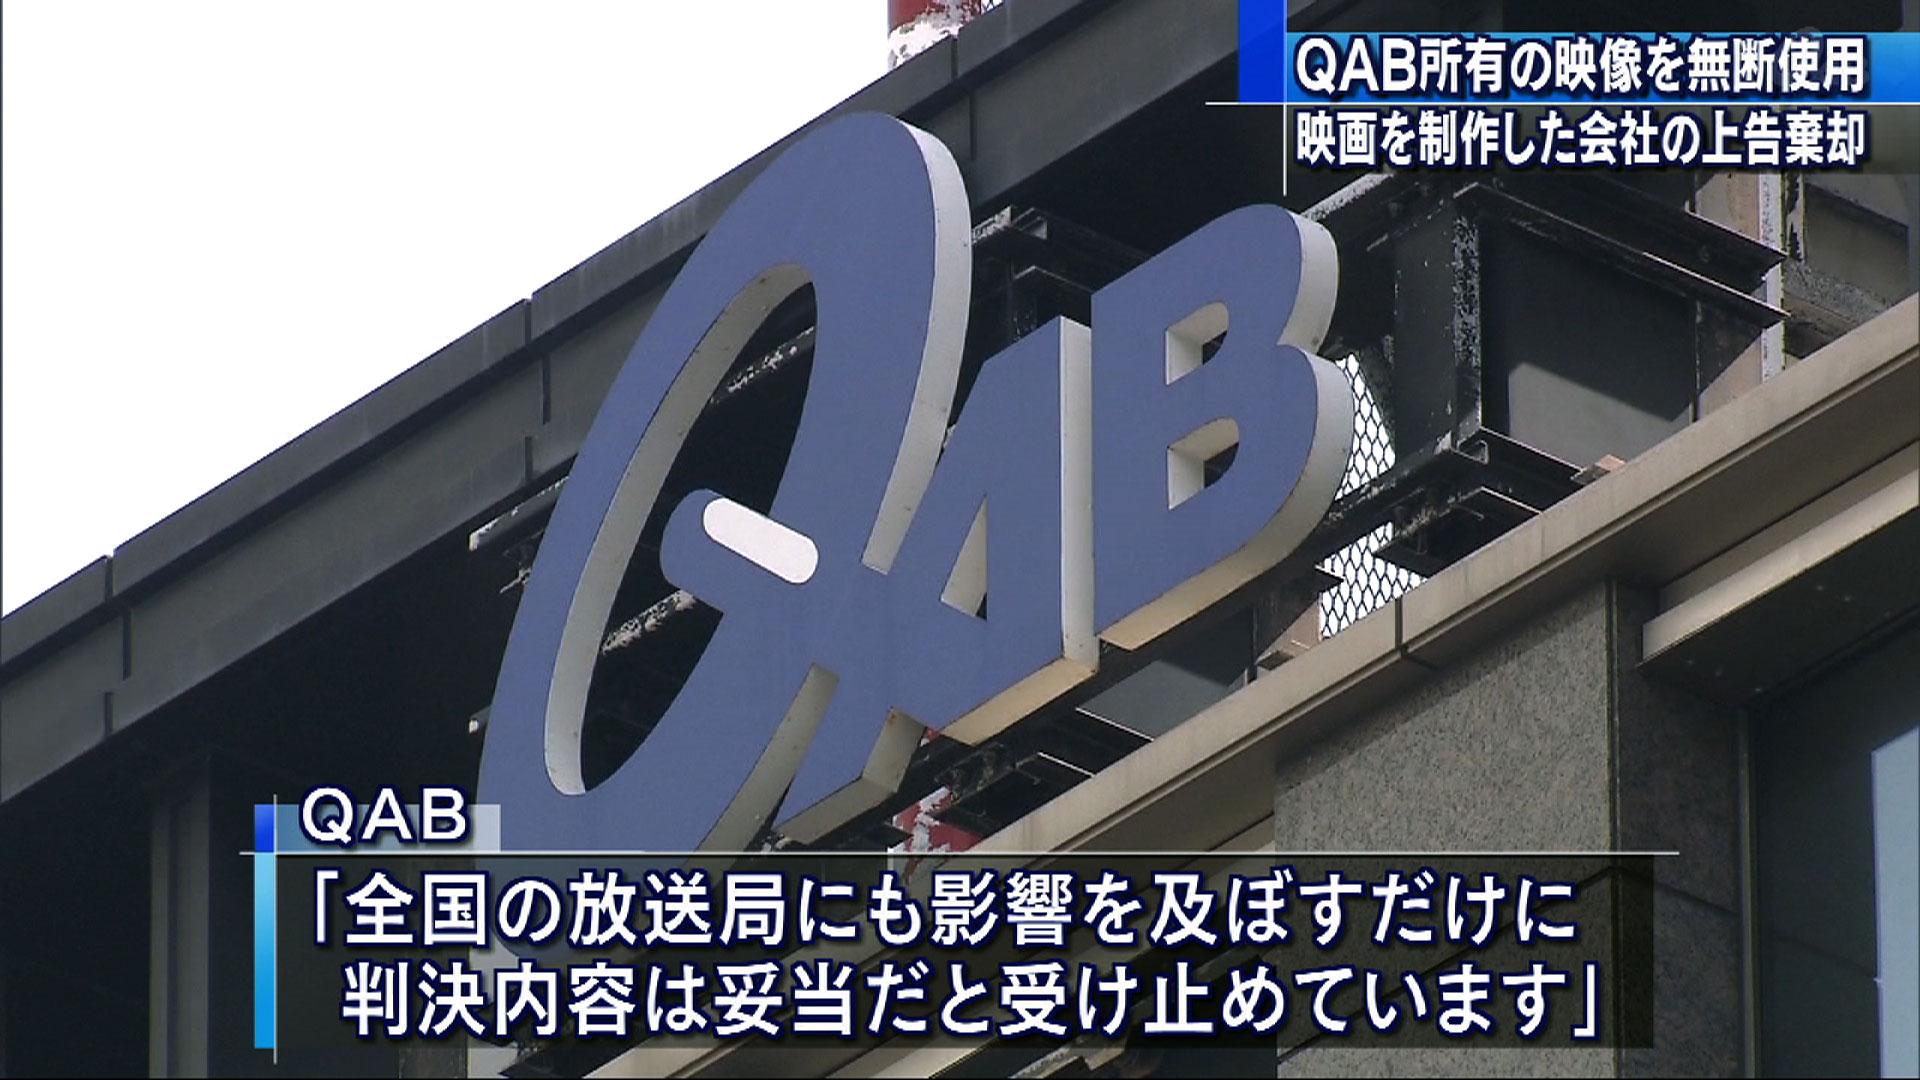 シグロの上告を棄却 QABの映像を無許可使用